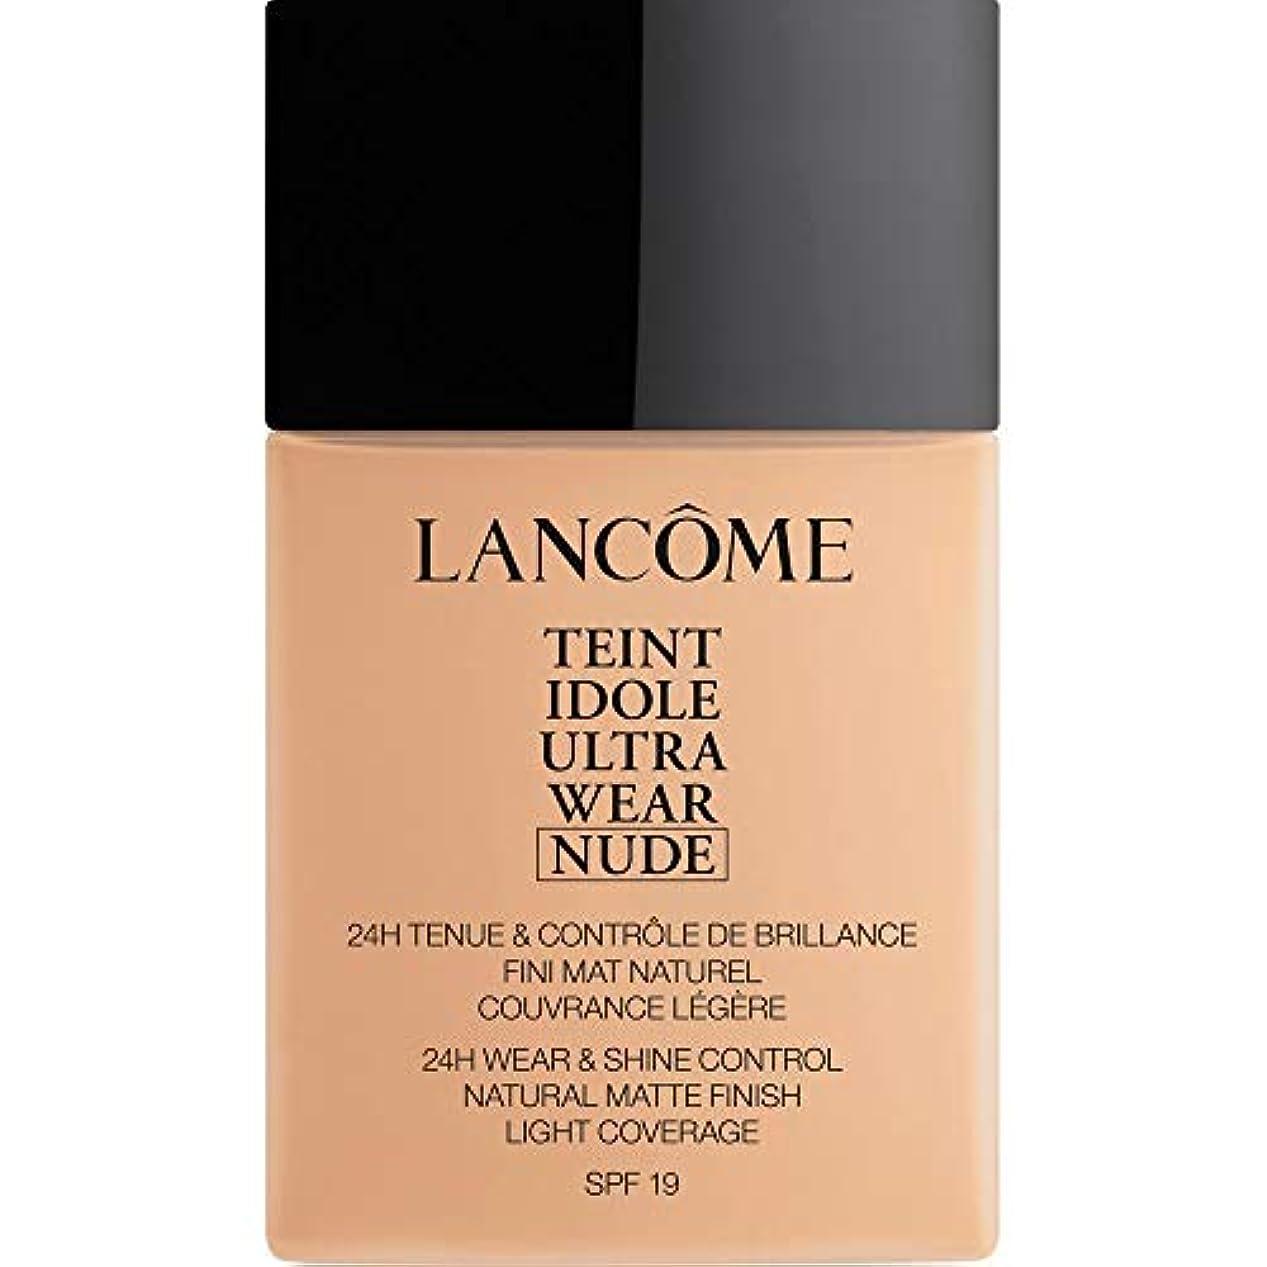 ヘアいっぱい放棄[Lanc?me ] ランコムTeintのIdole超摩耗ヌード財団Spf19の40ミリリットル021 - ベージュジャスミン - Lancome Teint Idole Ultra Wear Nude Foundation...